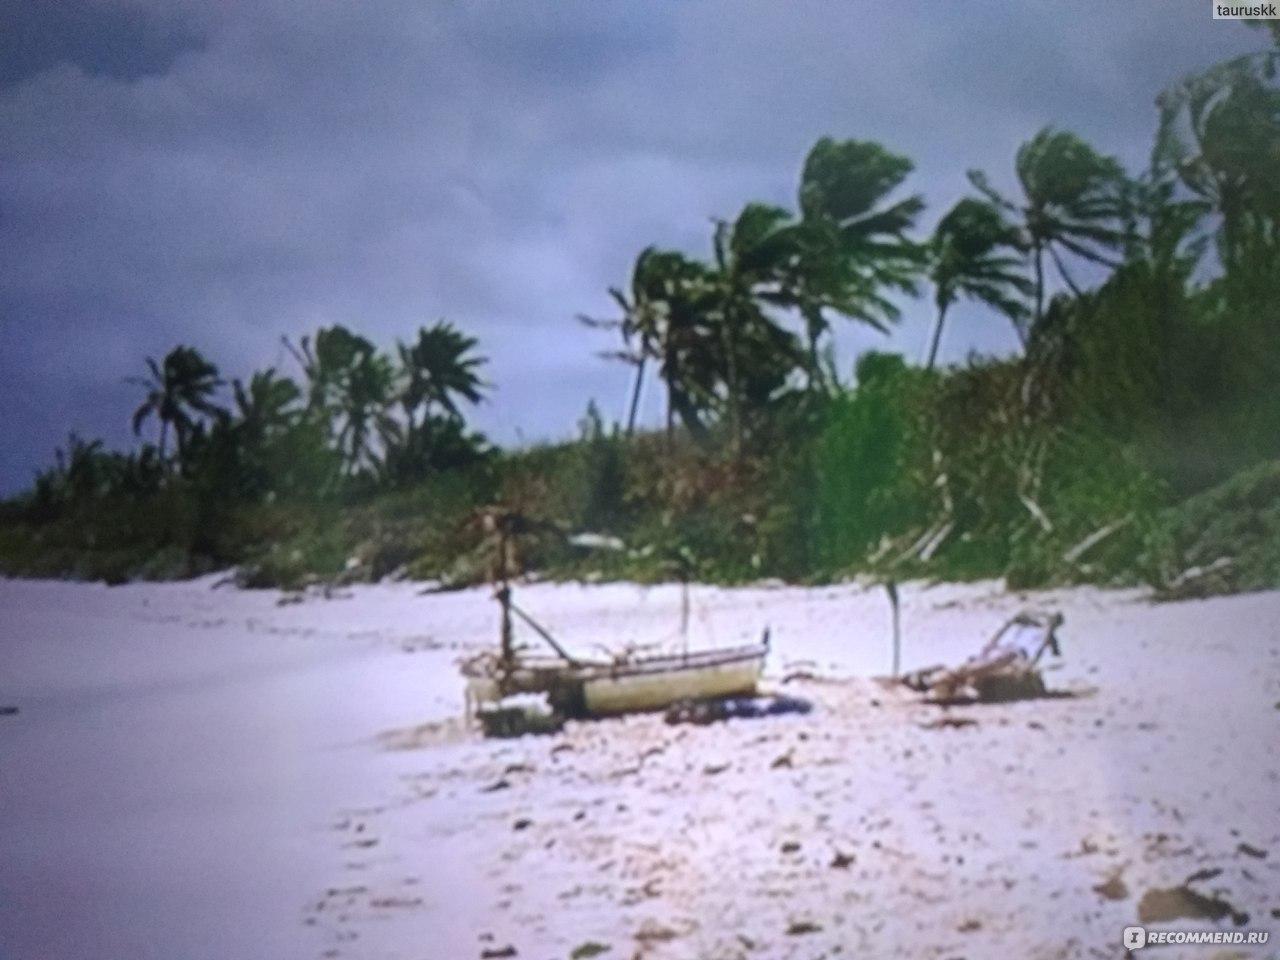 film-ostrov-dlya-dvoih-seks-radi-vizhivaniya-reyting-kinostudii-snimayushie-filmi-dlya-vzroslih